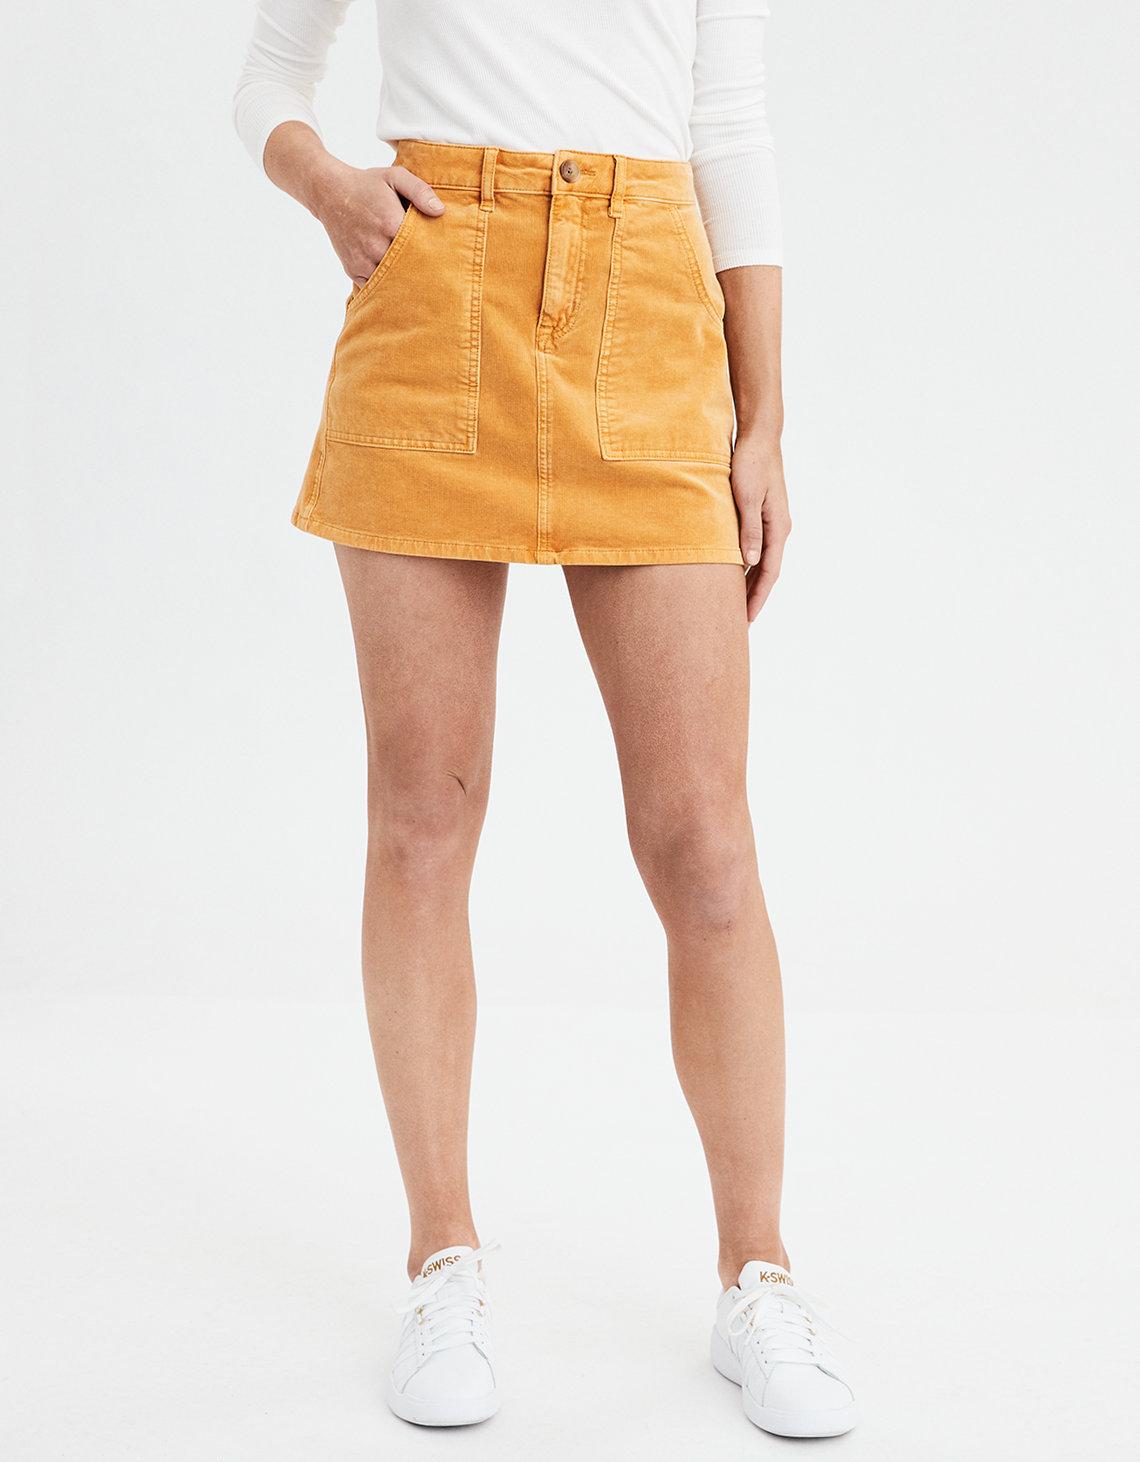 ce8ad709d9 AE High-Waisted A-Line Corduroy Skirt